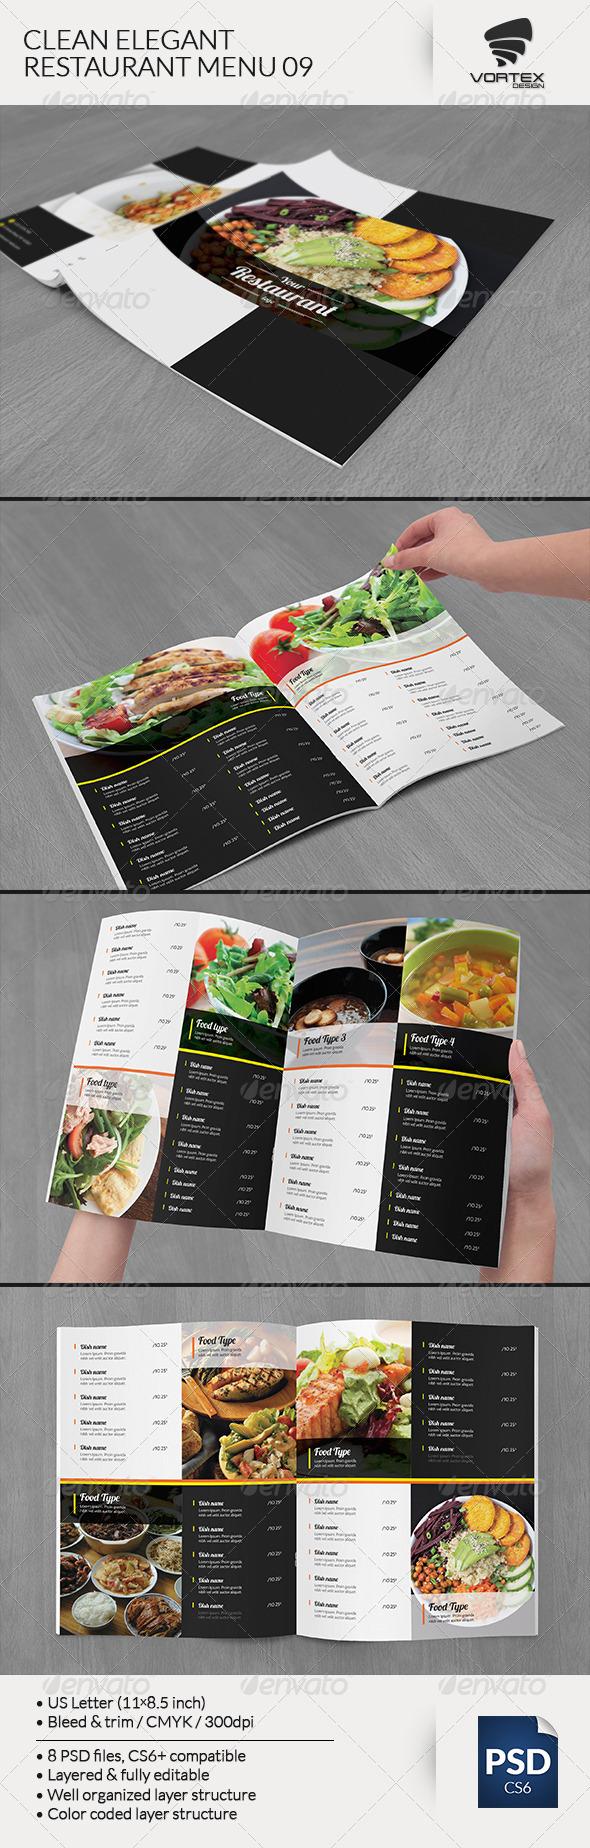 GraphicRiver Clean Elegant Restaurant Menu 09 8135136